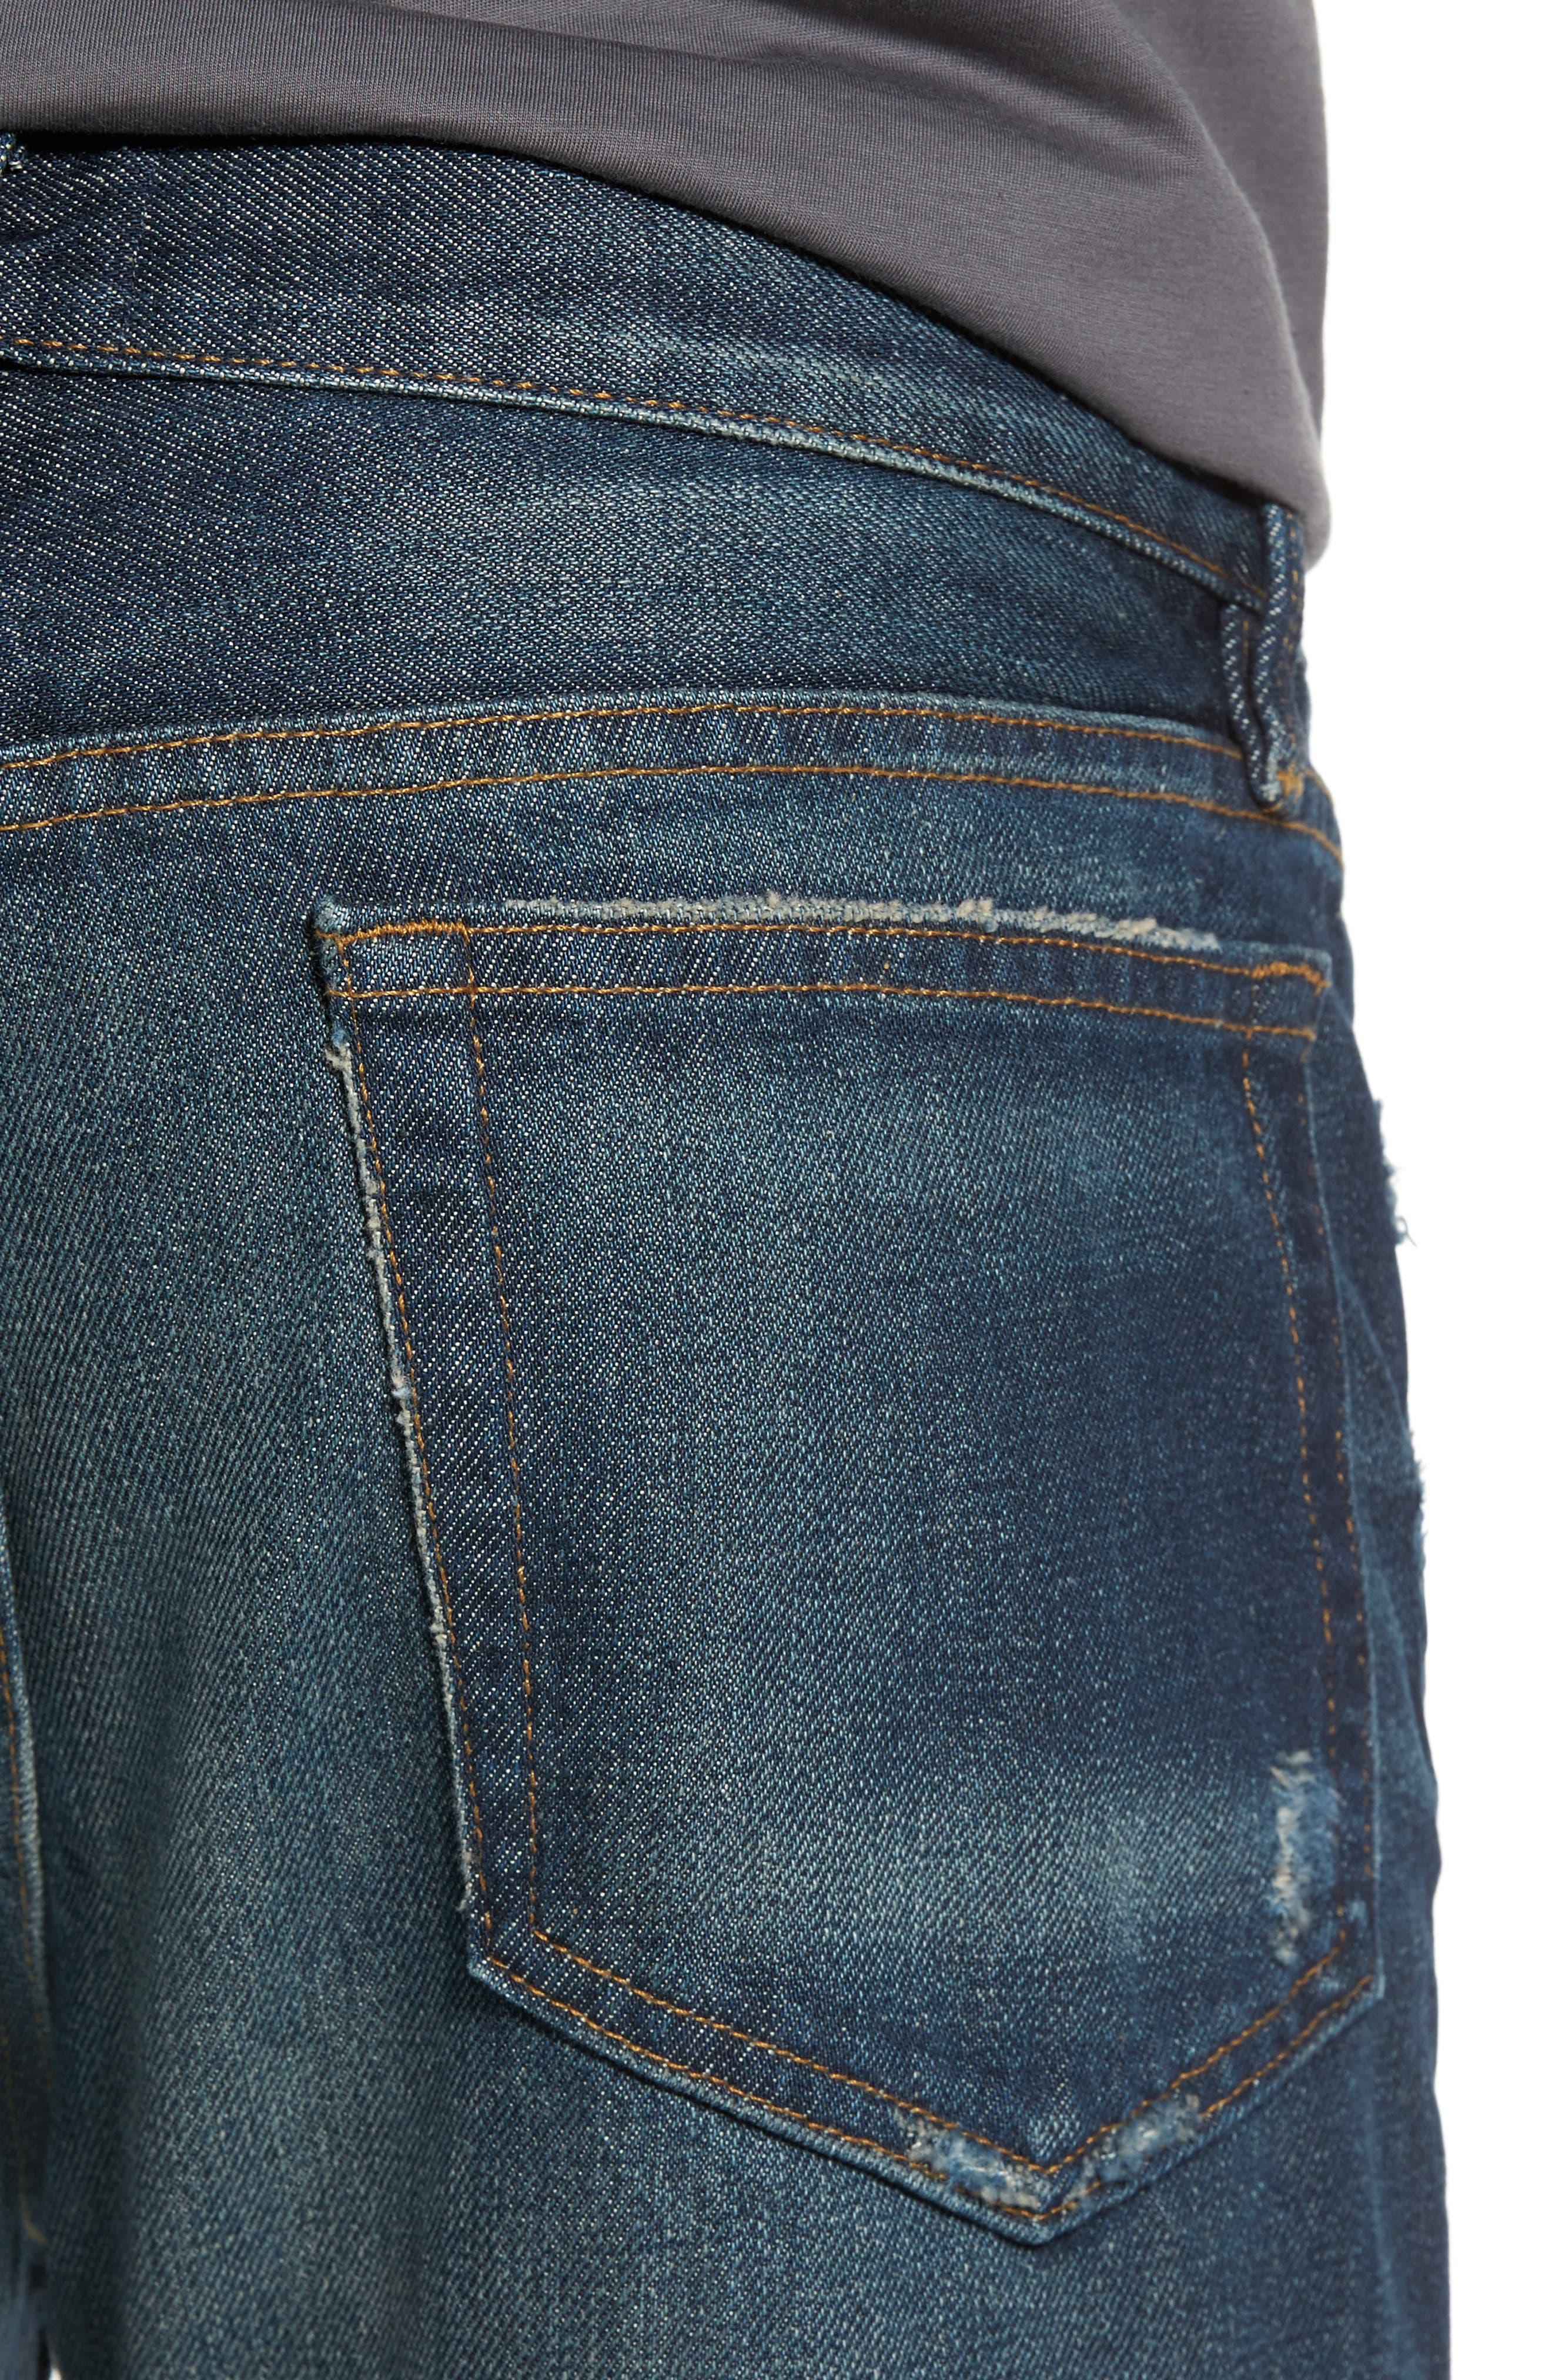 L'Homme Slim Fit Jeans,                             Alternate thumbnail 4, color,